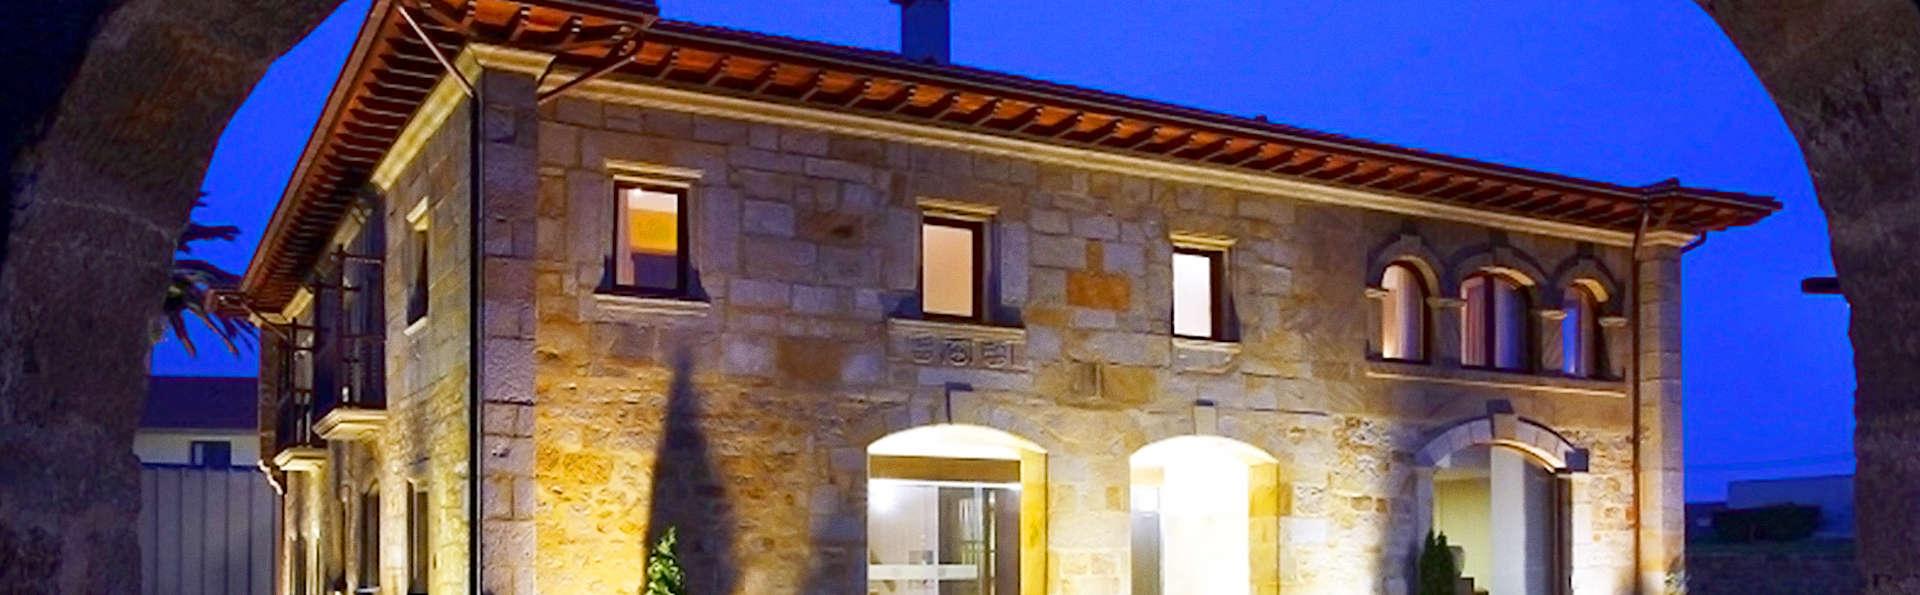 Palacio de Luces GL Relais & Châteaux - EDIT_1_FACHADA.jpg